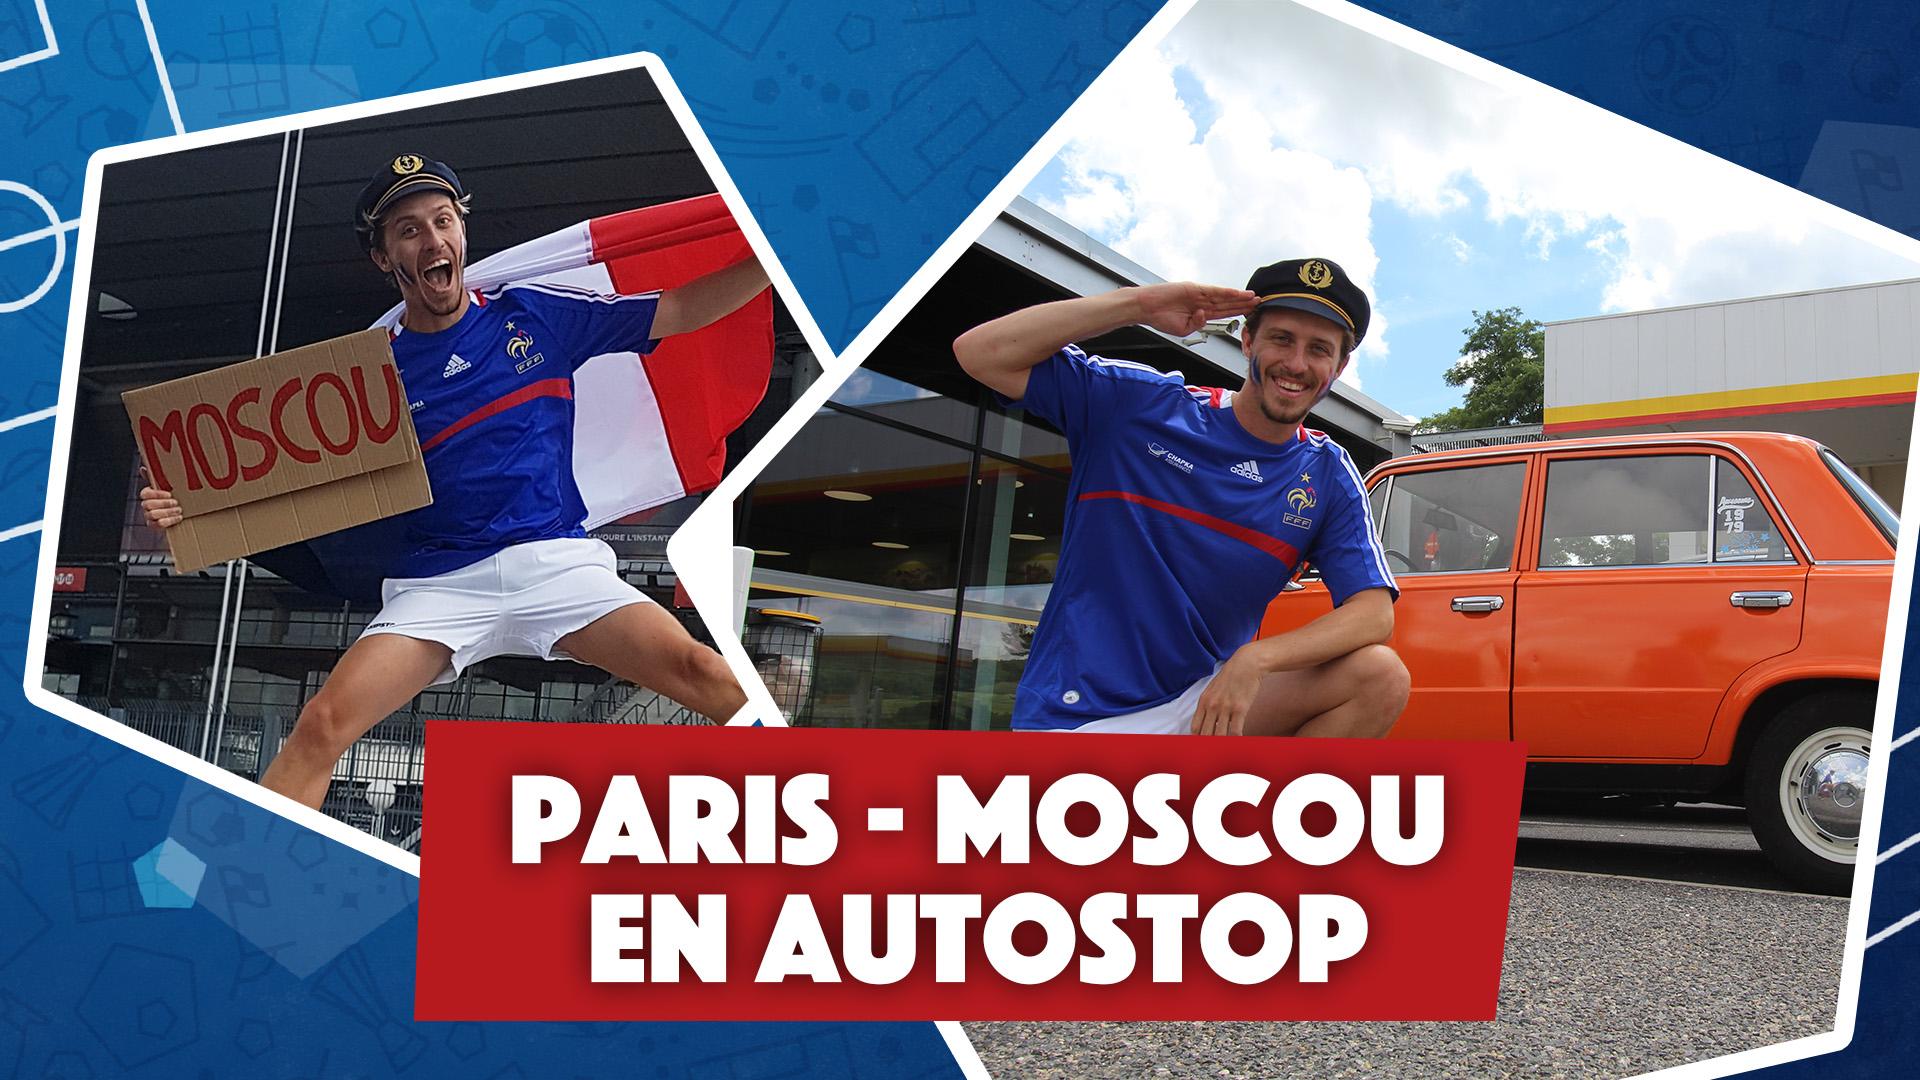 Paris-Moscou en autostop